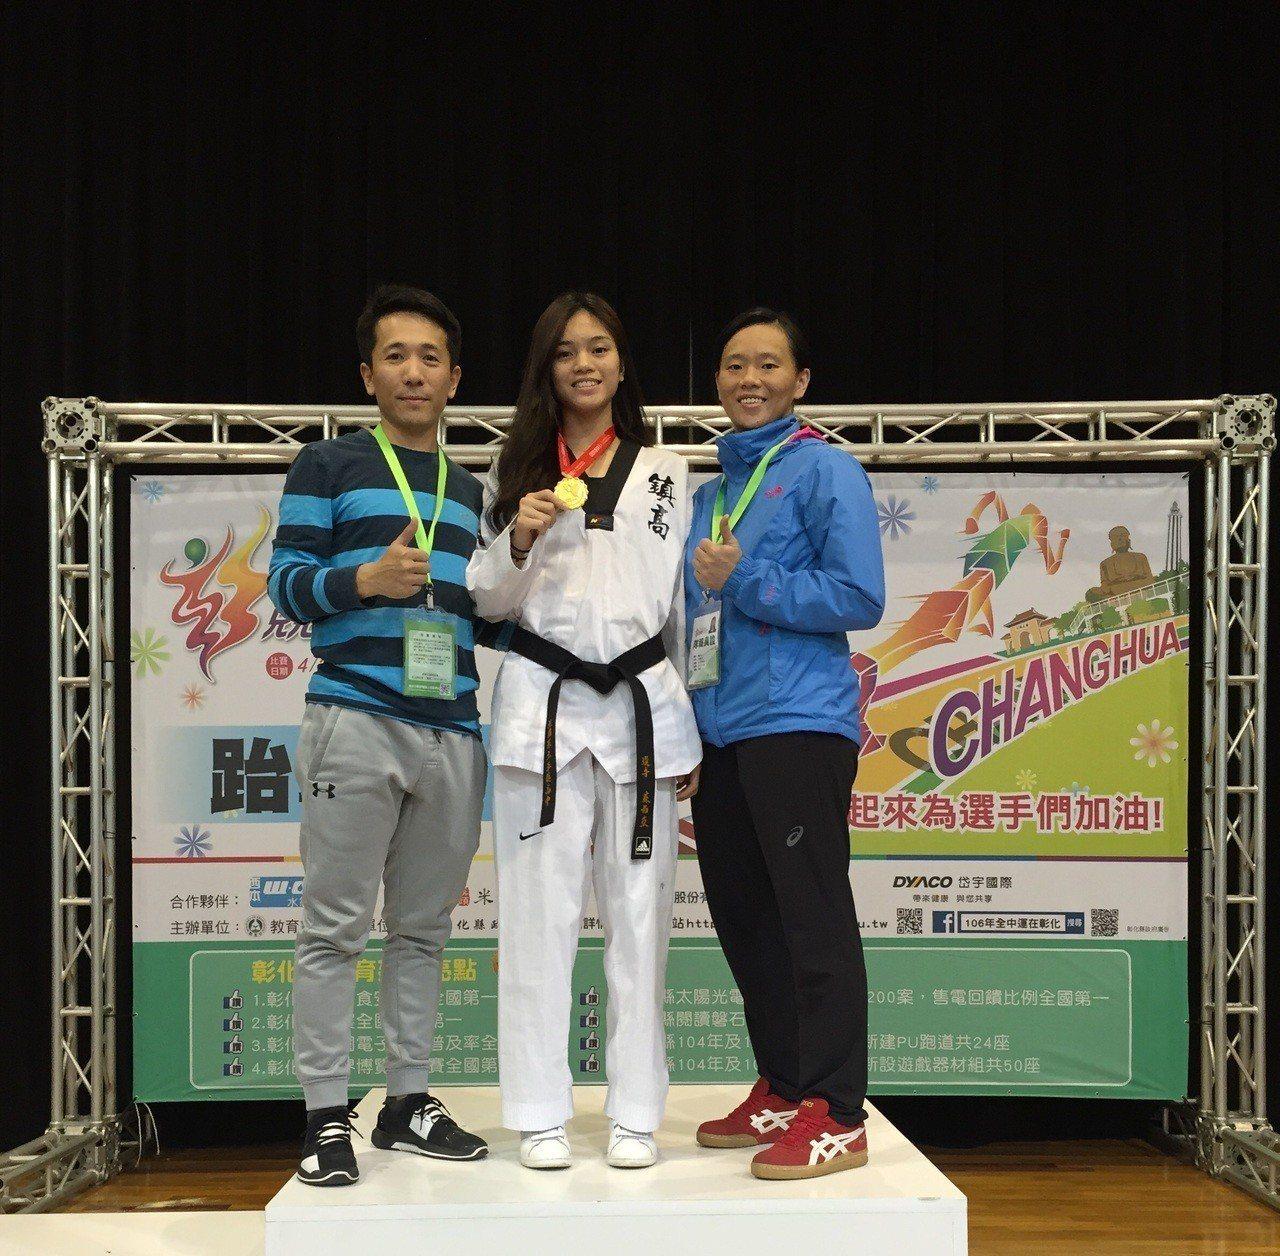 平鎮高中張瓊芳(右)、陳維新(右)教練都認為蘇柏亞具有很好的運動條件。圖/陳維新...